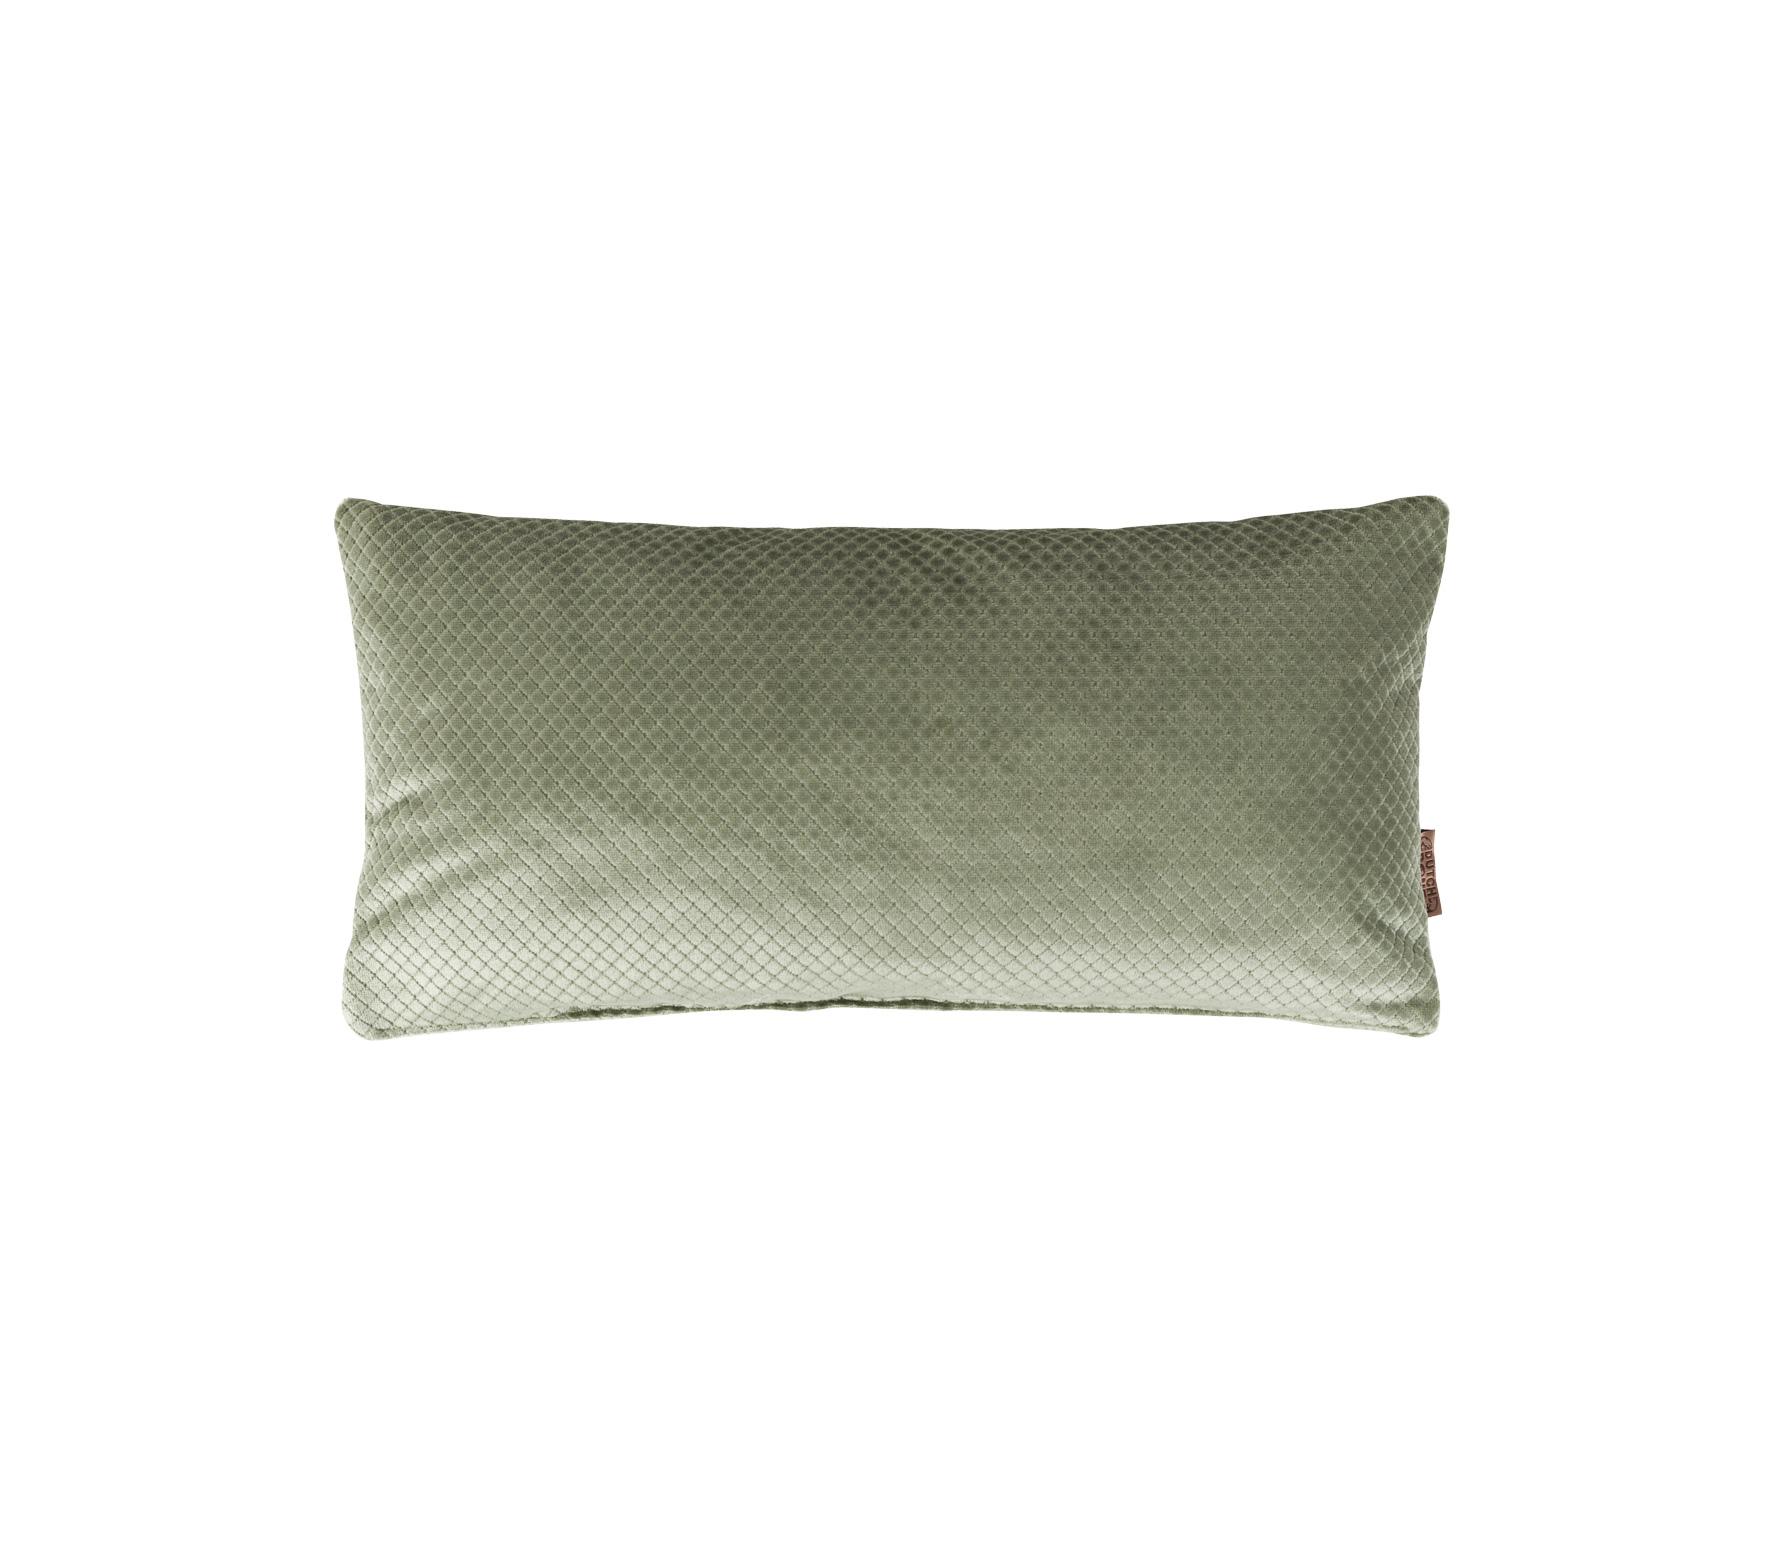 Dutchbone Spencer kussen oud groen 60x30 cm vrijstaand